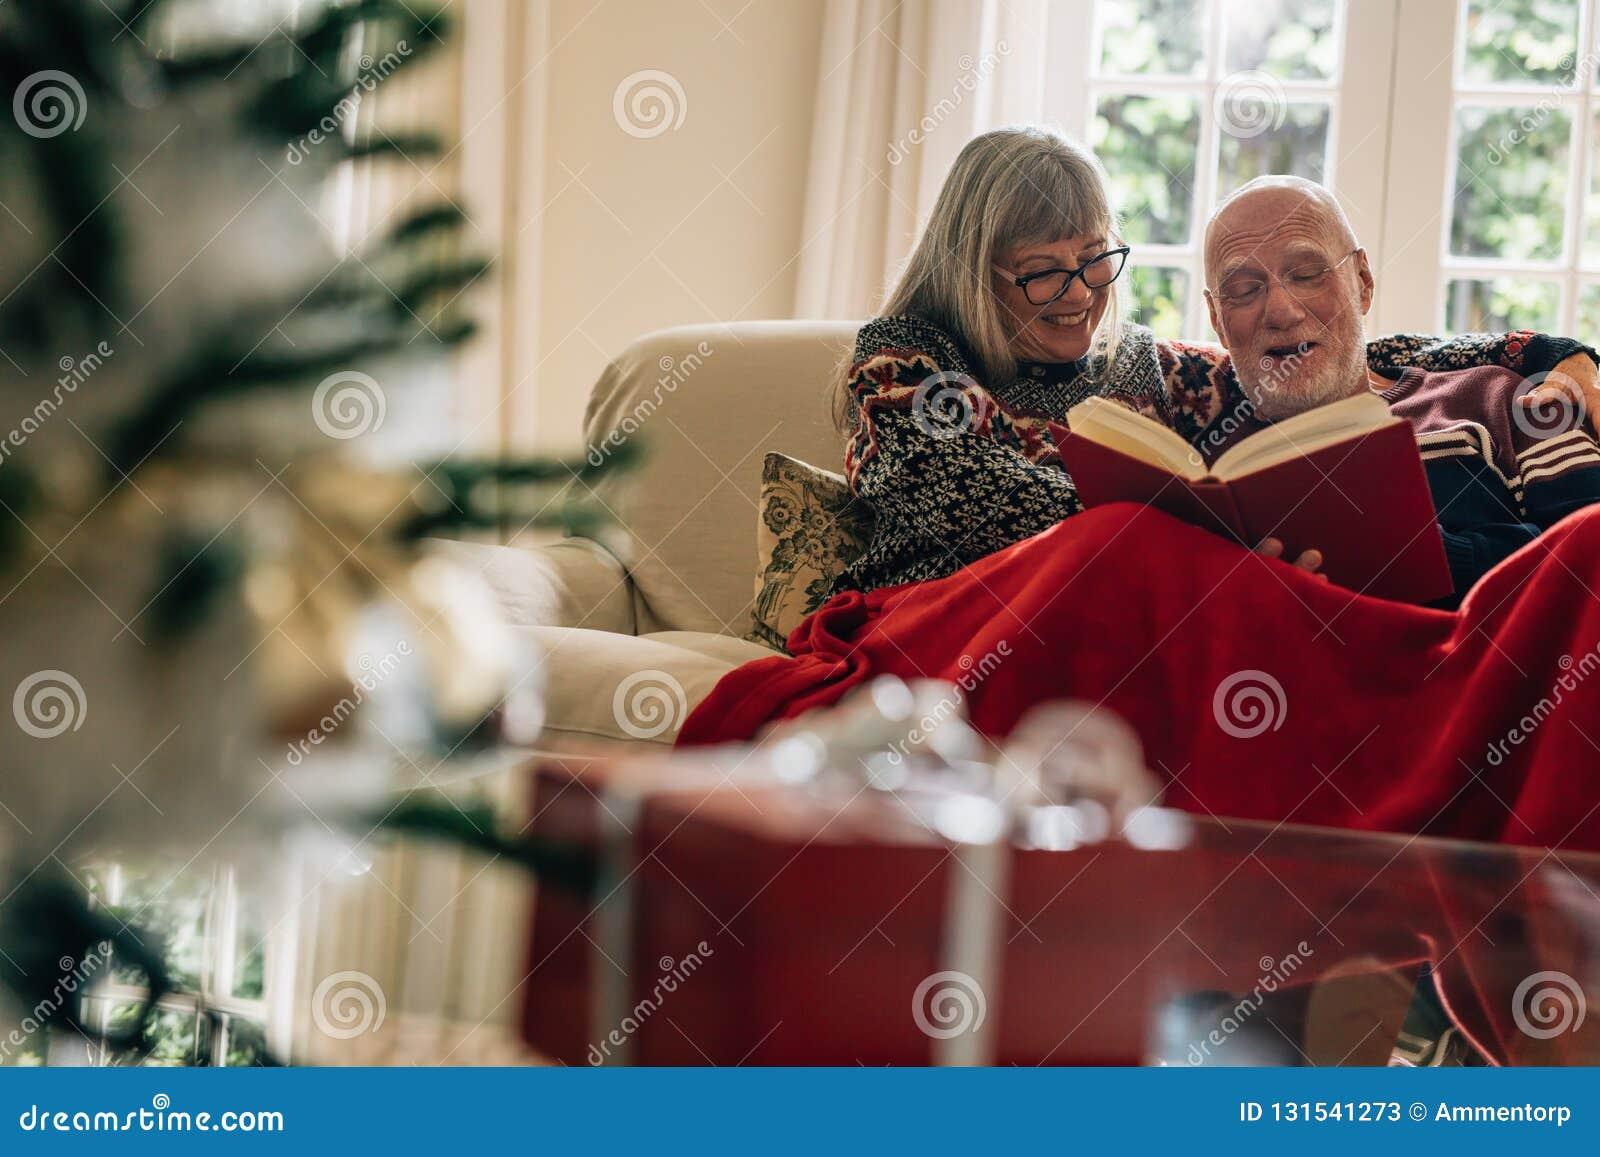 Pares mayores que se sientan en un sofá que goza leyendo un libro con una caja de regalo en el primero plano Tiempo sonriente del